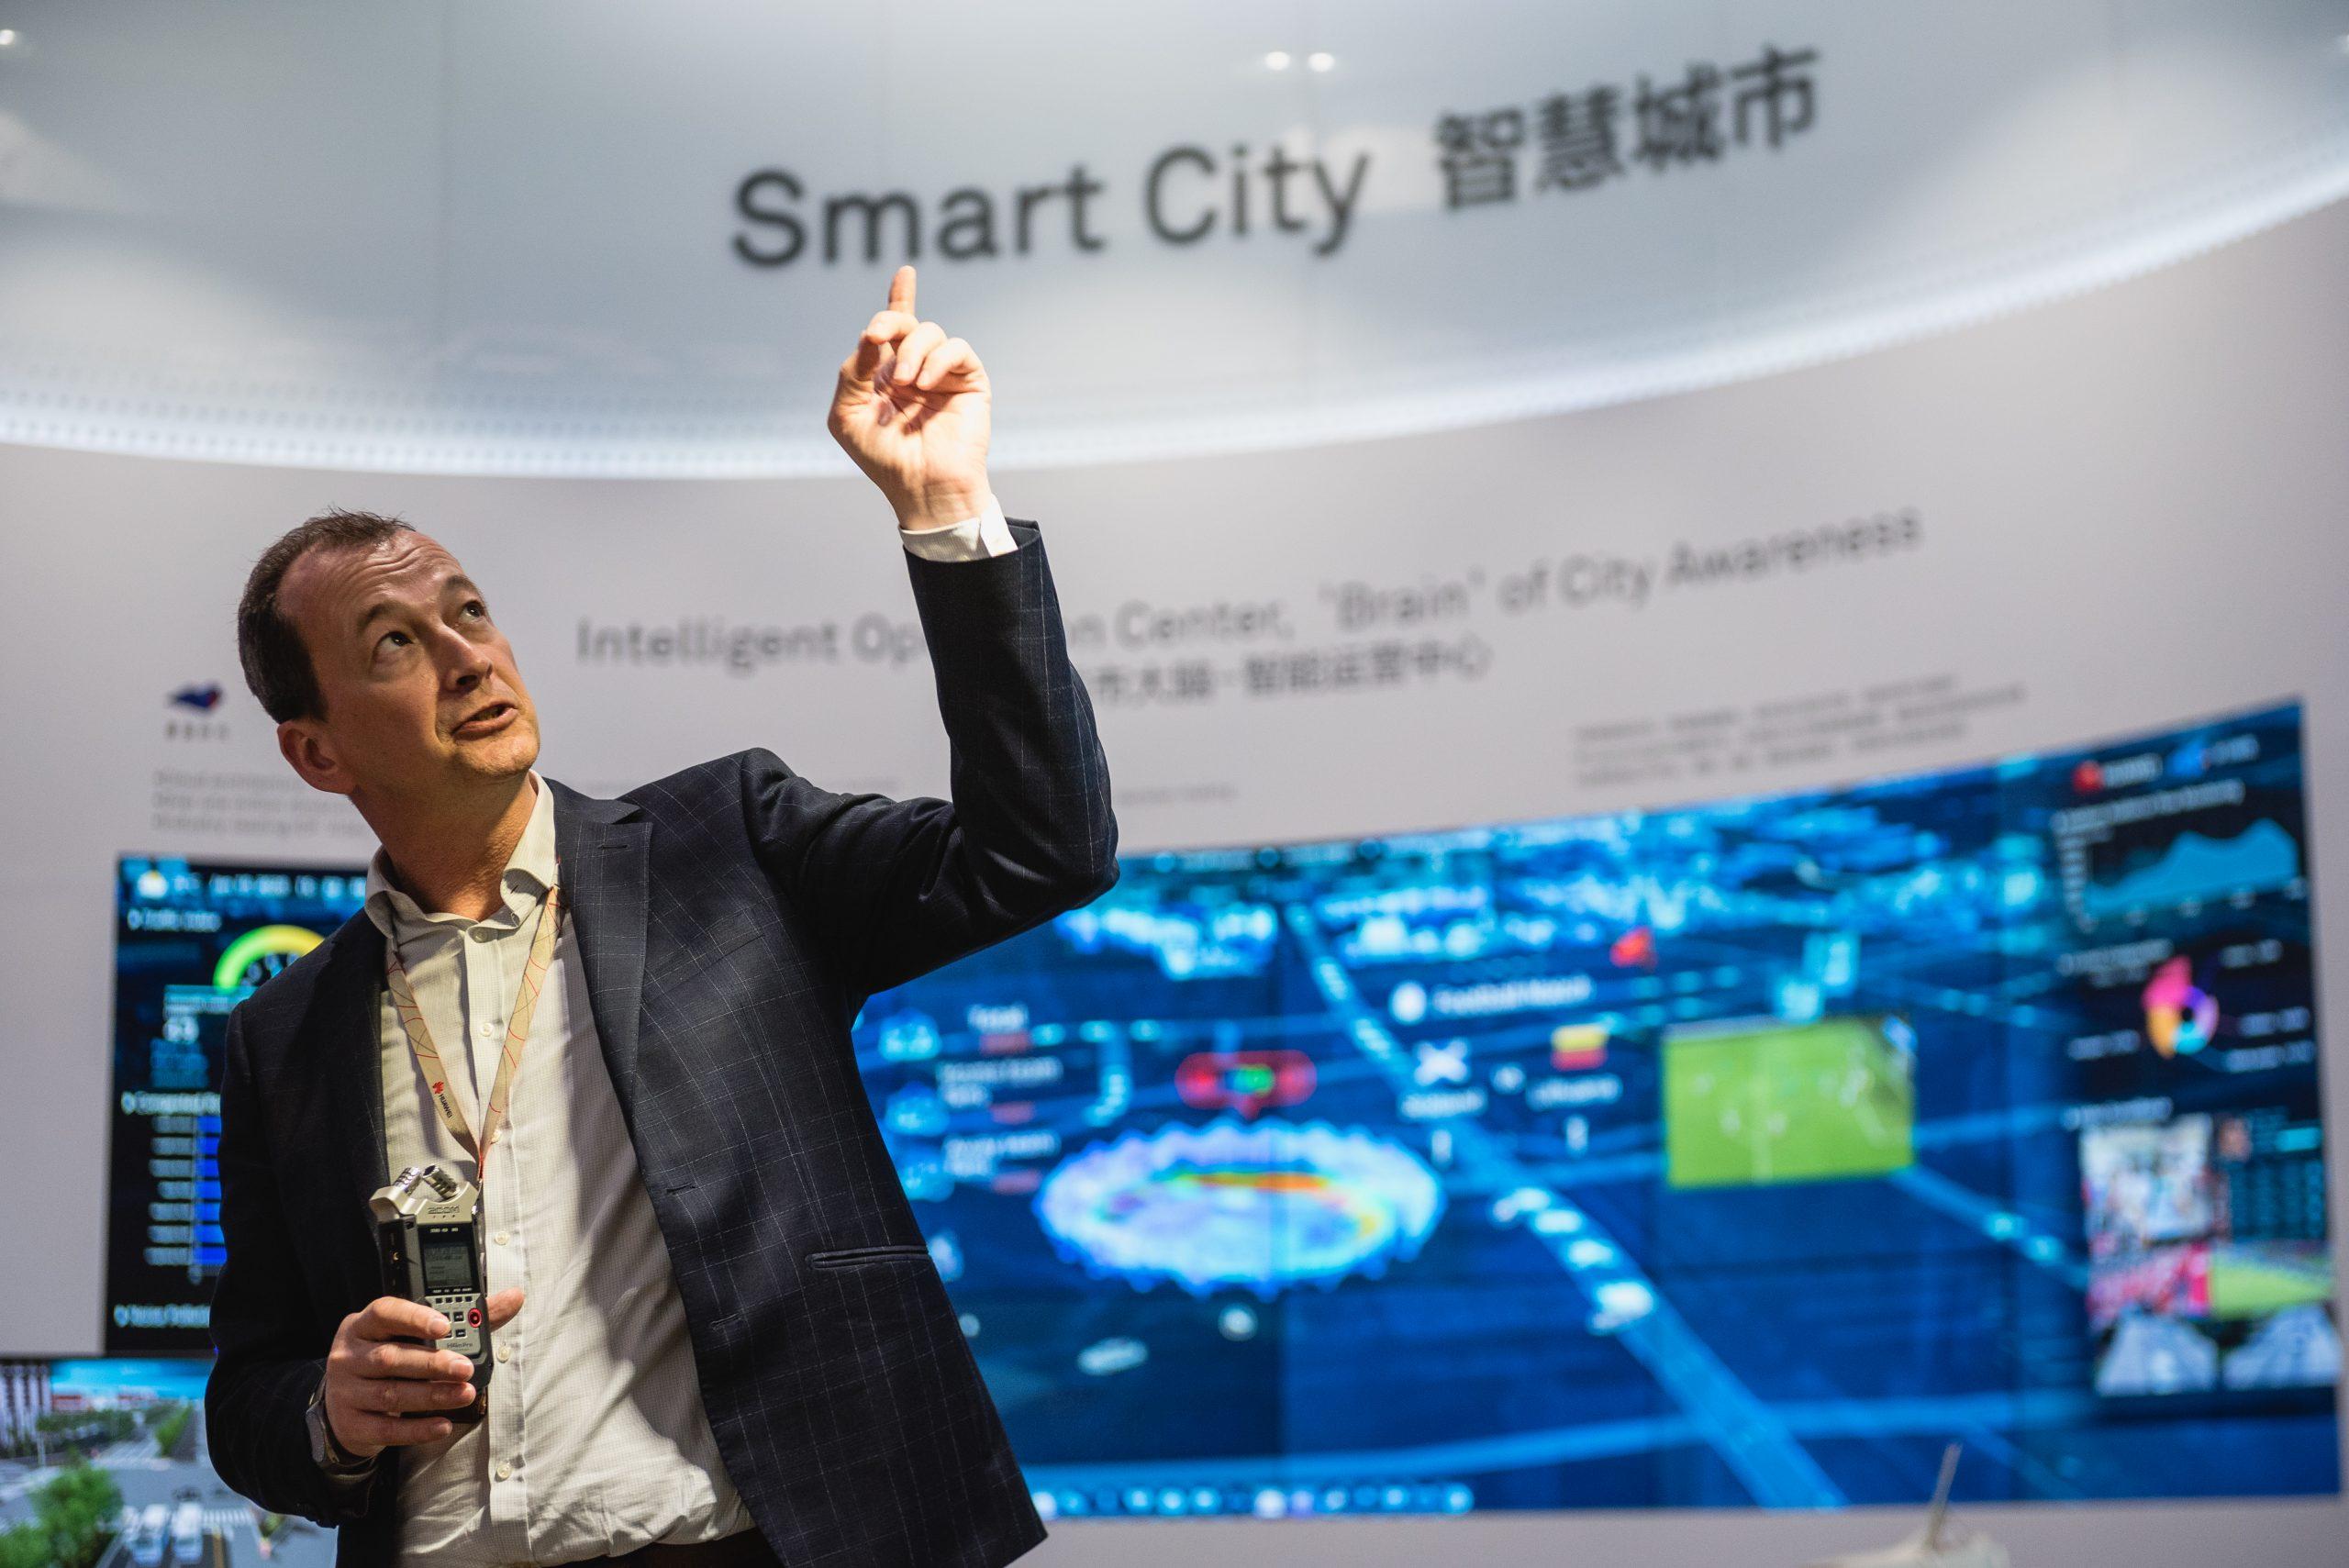 Edwin Diender, Chief Digital Transformation Officer, beschreibt die verschiedenen Technologien der Smart City-Lösungen von Huawei. Foto: Aidan Marzo